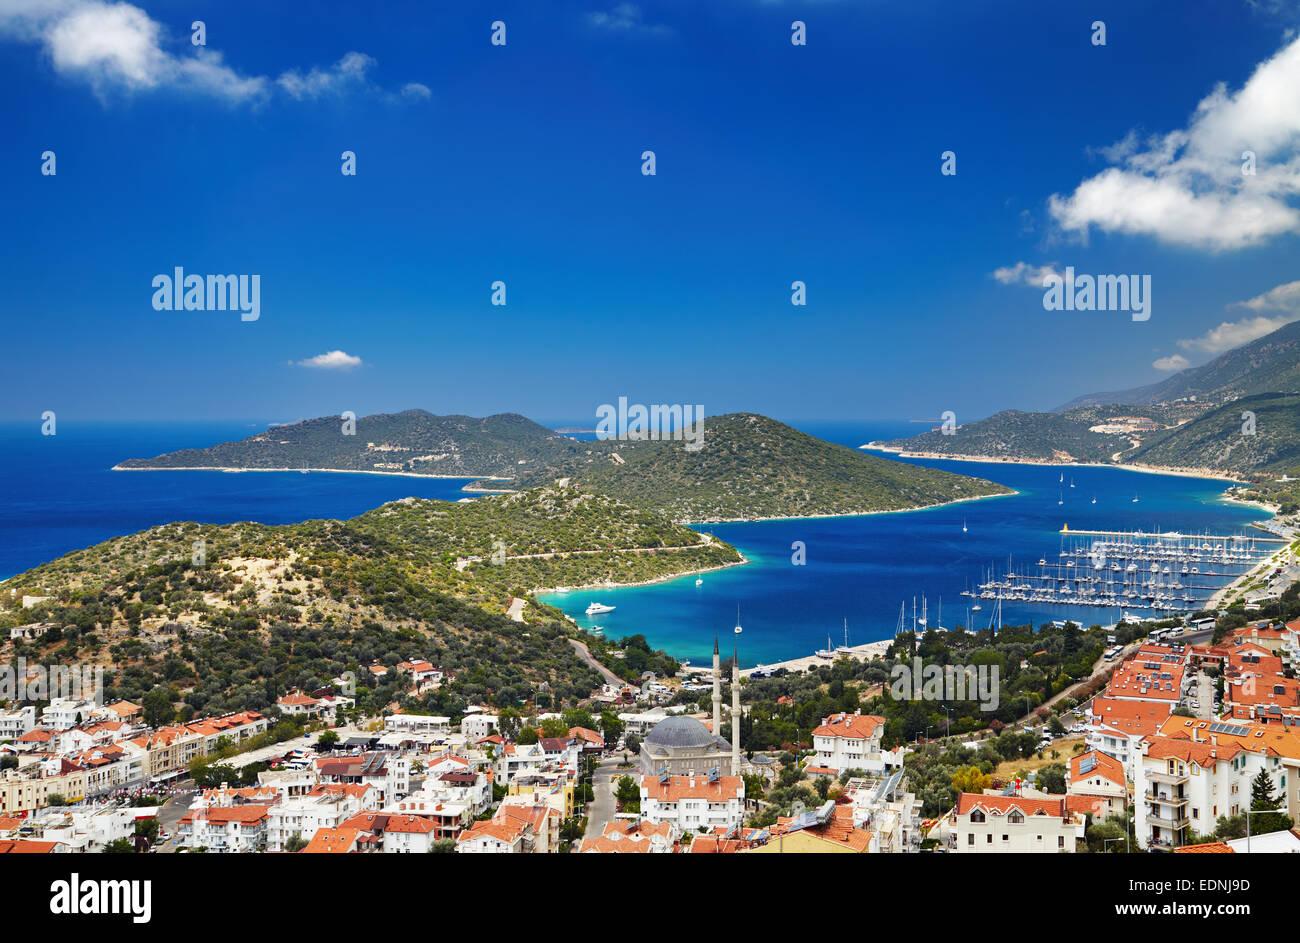 Ciudad de la costa mediterránea, Kas, Turquía Imagen De Stock